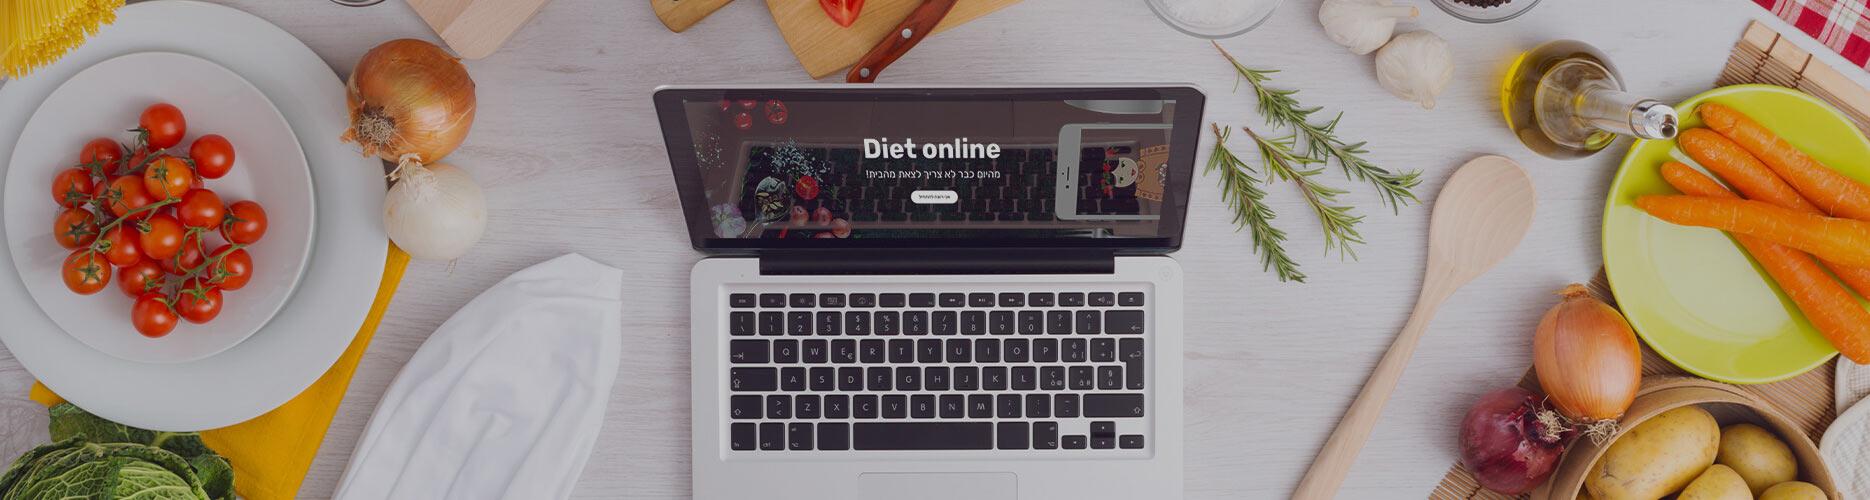 דיאט אונליין - עמוד בית